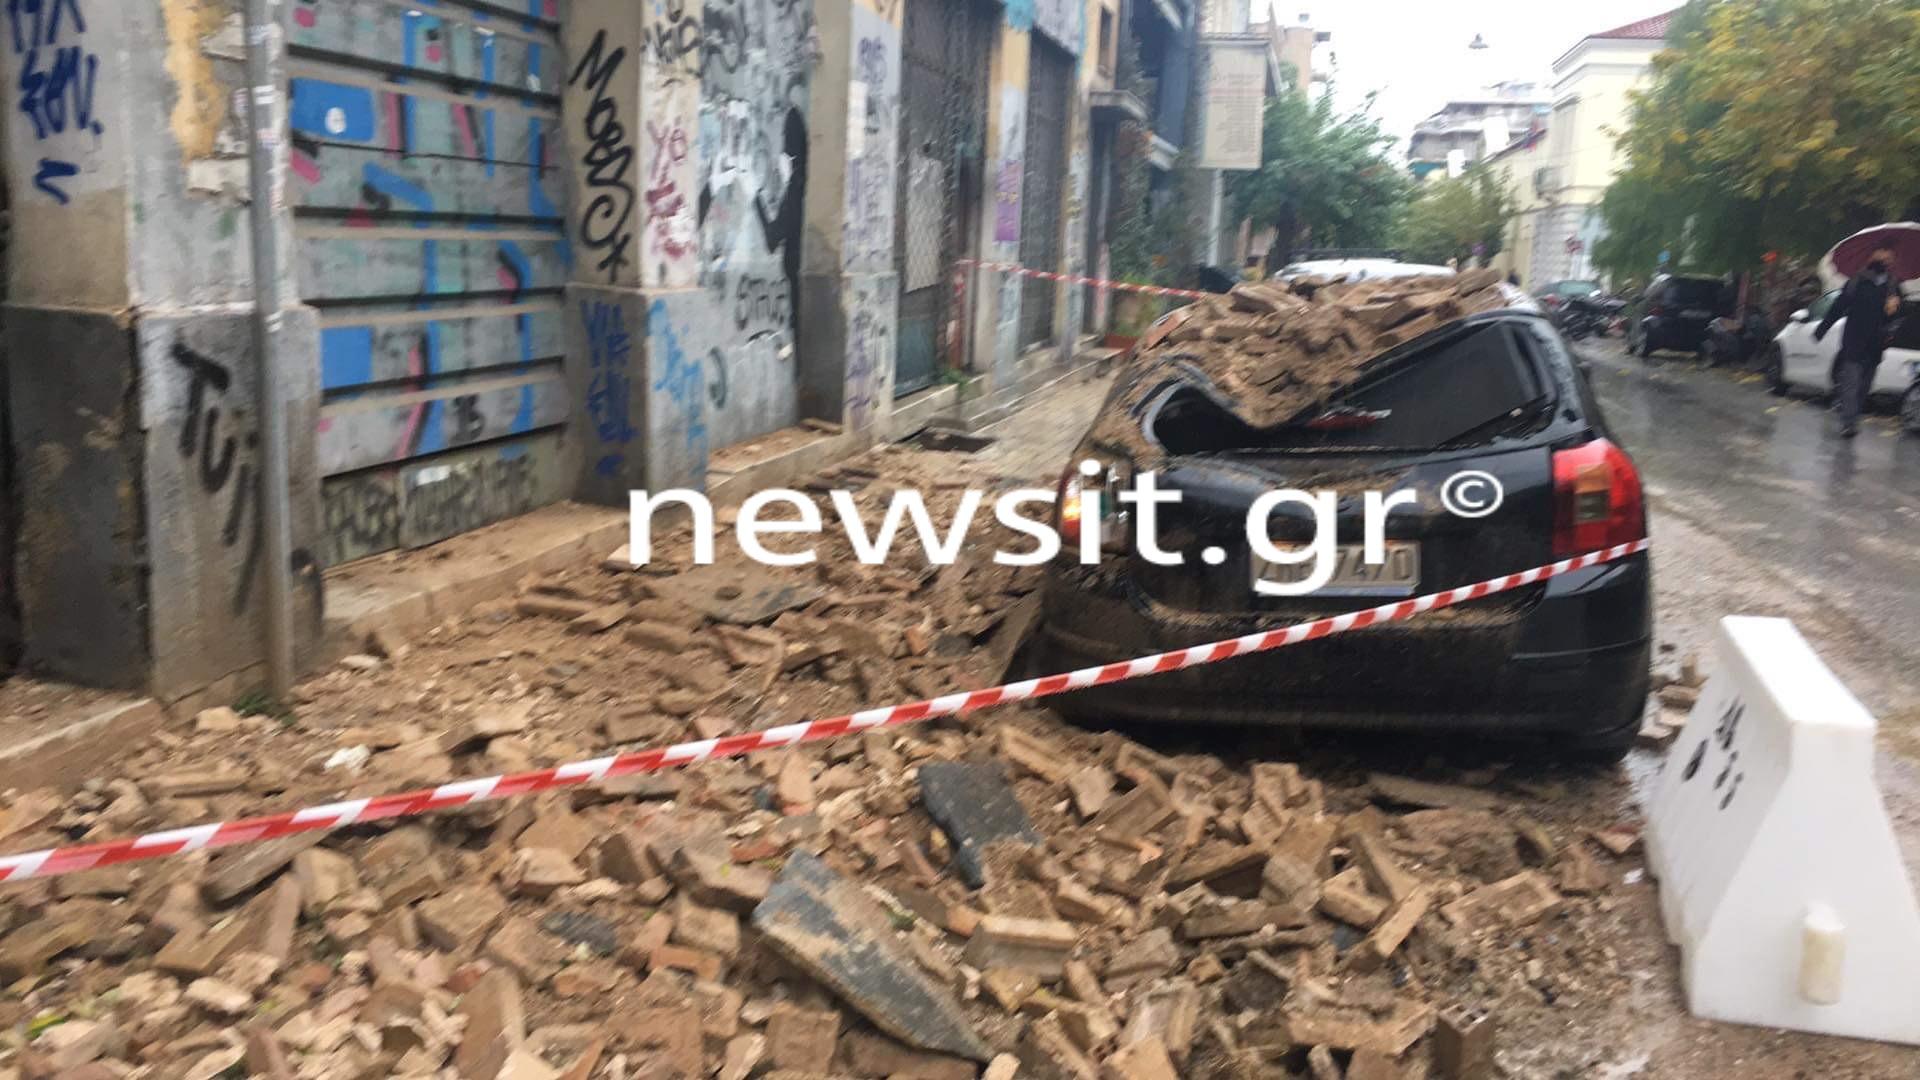 Κακοκαιρία στην Αττική: Έπεσε τοίχος εγκαταλελειμμένου κτιρίου στο Μεταξουργείο (pics, vid)